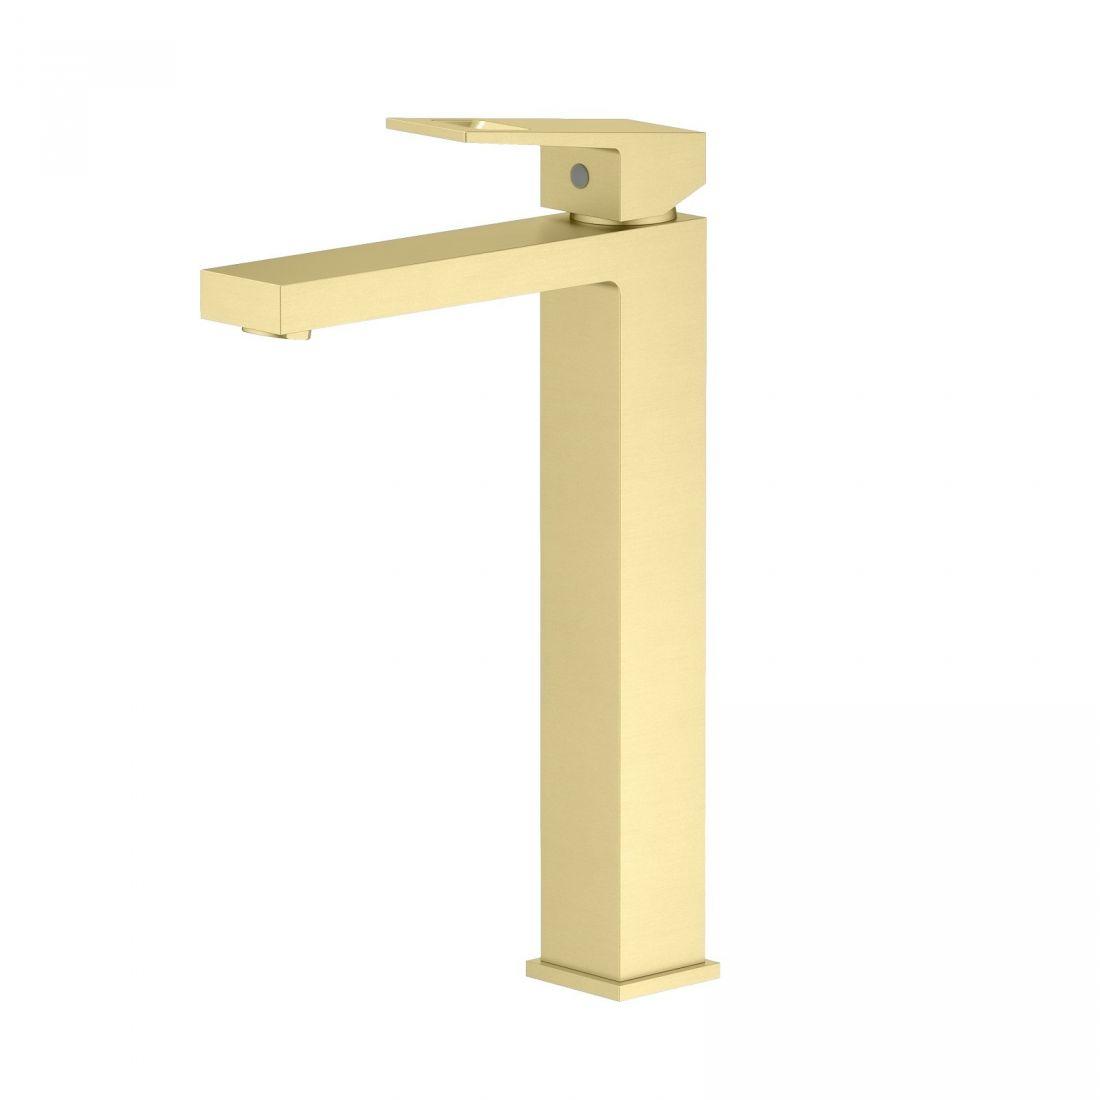 Смеситель для раковины-чаши Timo Briana (7111/17F) золото матовое